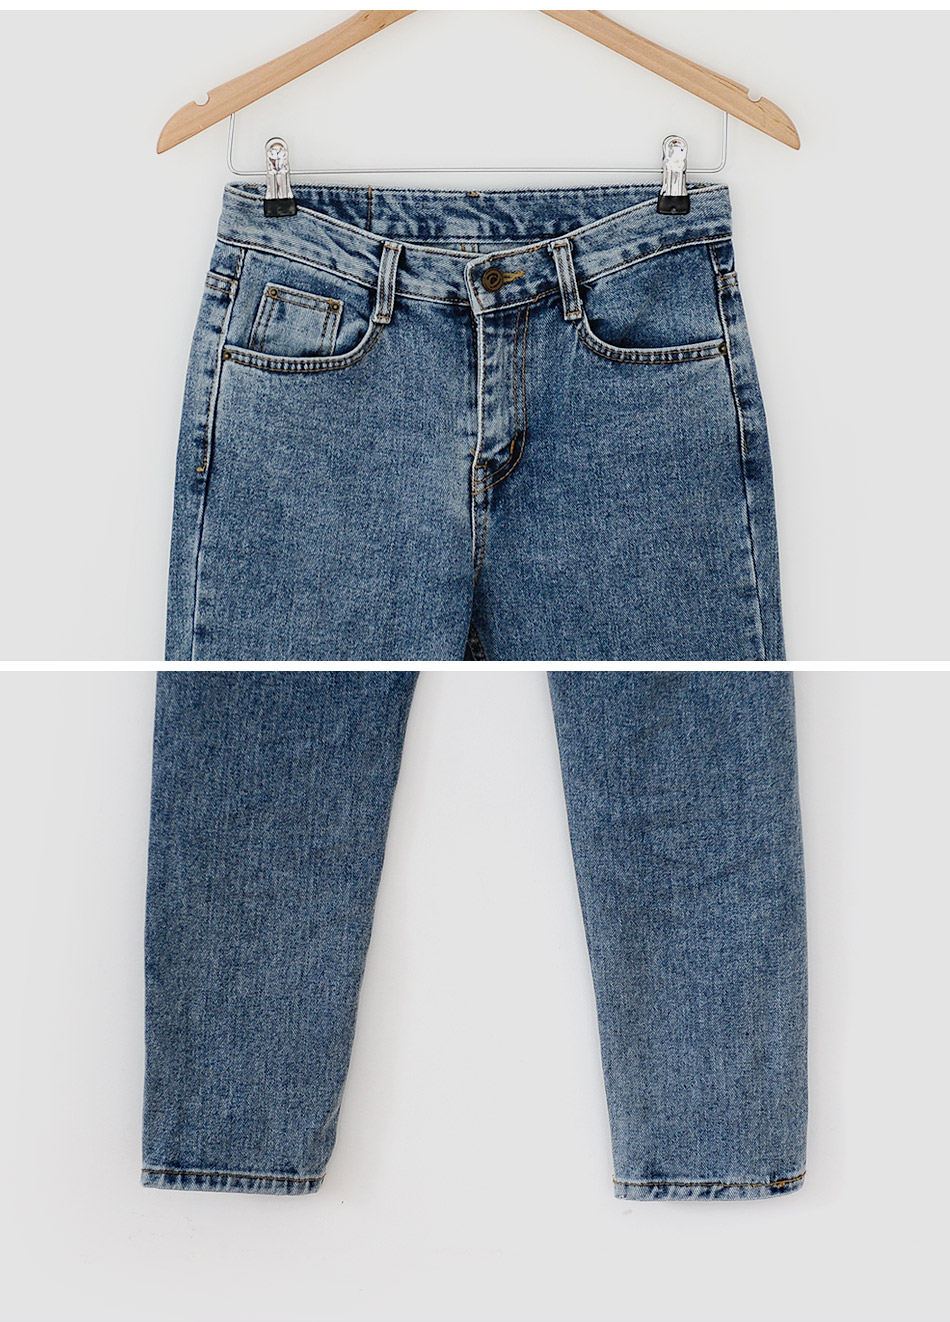 Tiens Denim Pants